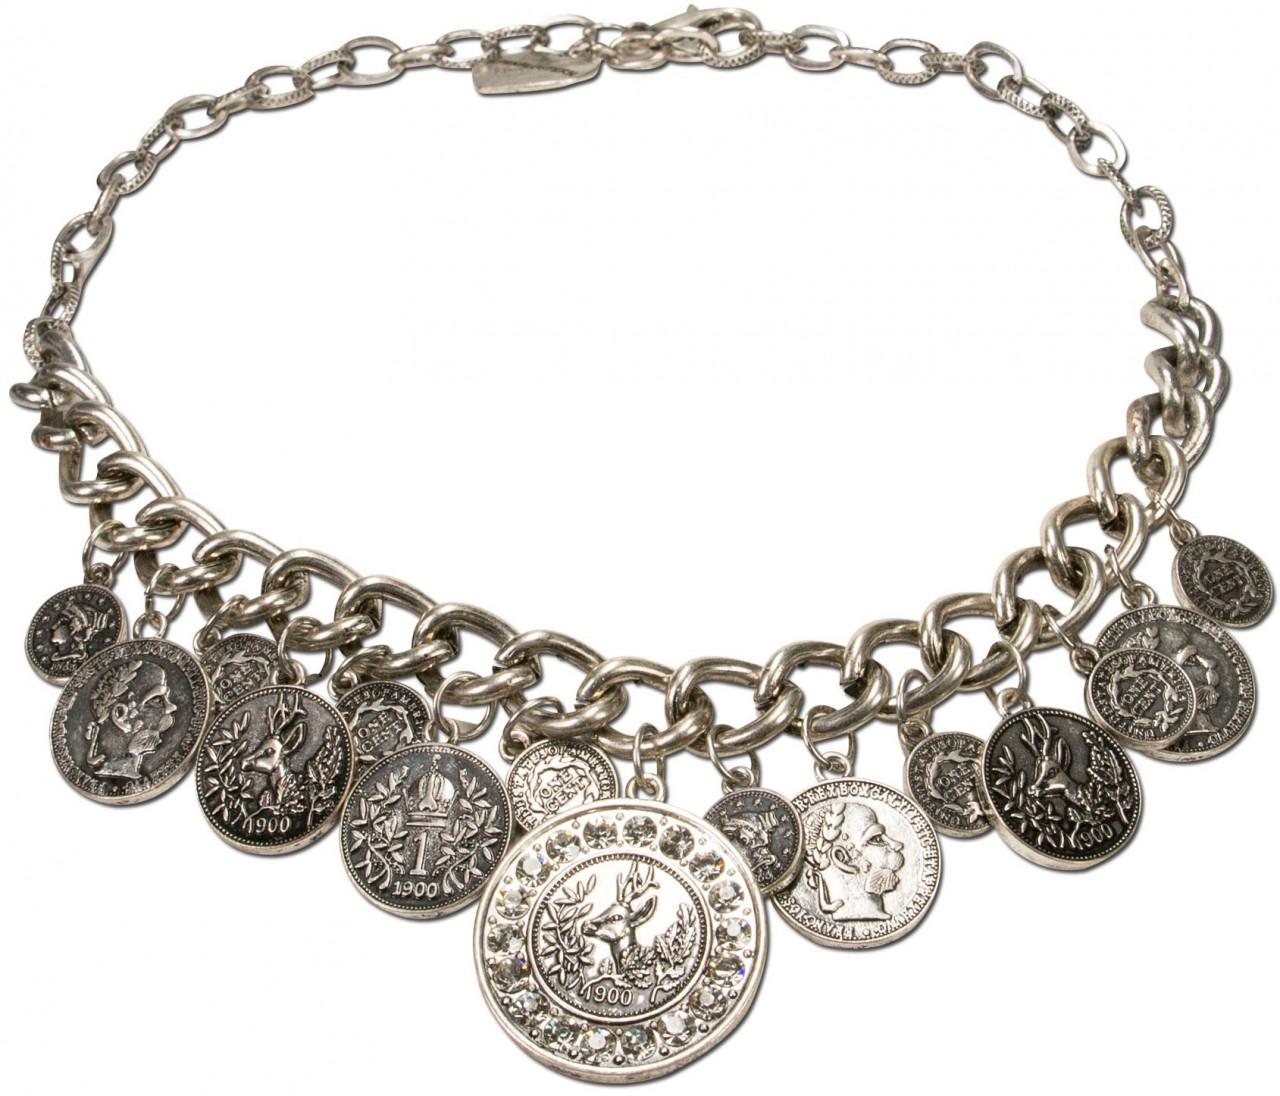 Trachten-Münzhalskette Glitzerhirsch altsilber